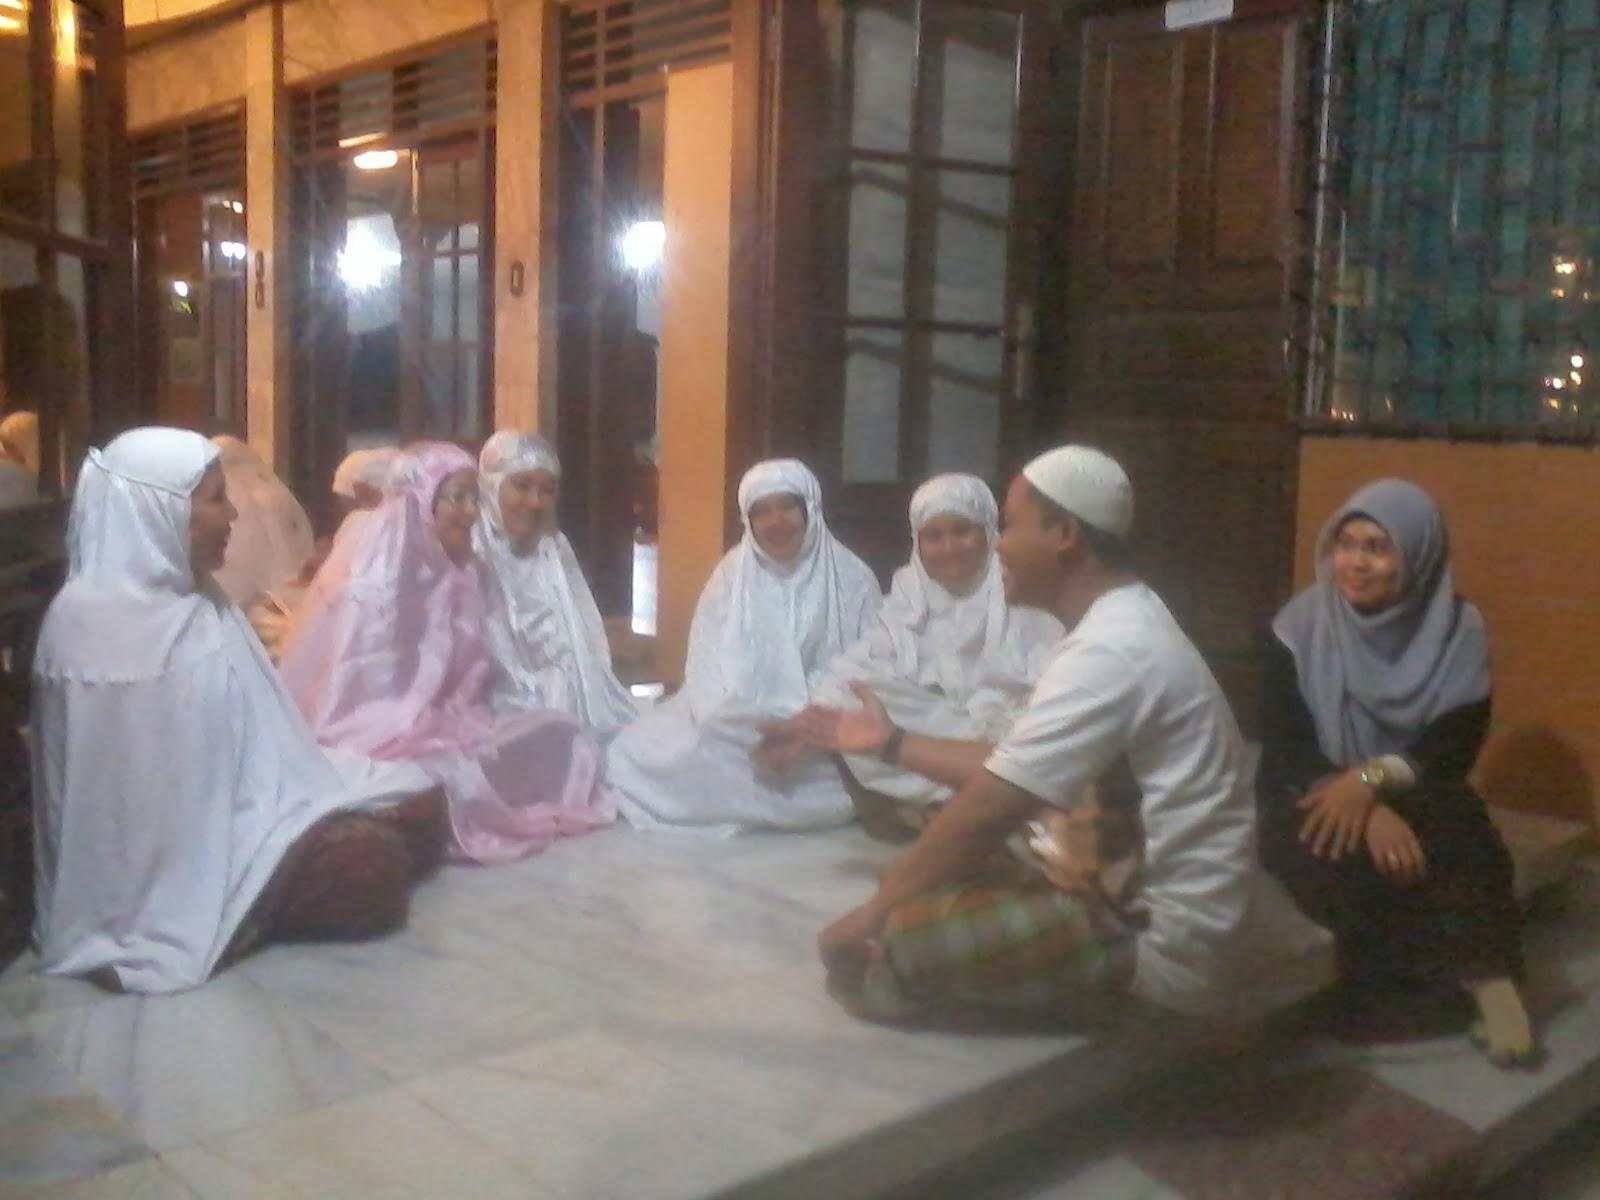 Pembimbing briefing sebelum pelaksanaan Malam Ibadah Putri kelas VII Materi yang dibahas adalah tatacara pelaksanaan Thaharah wudhu hadats besar mandi